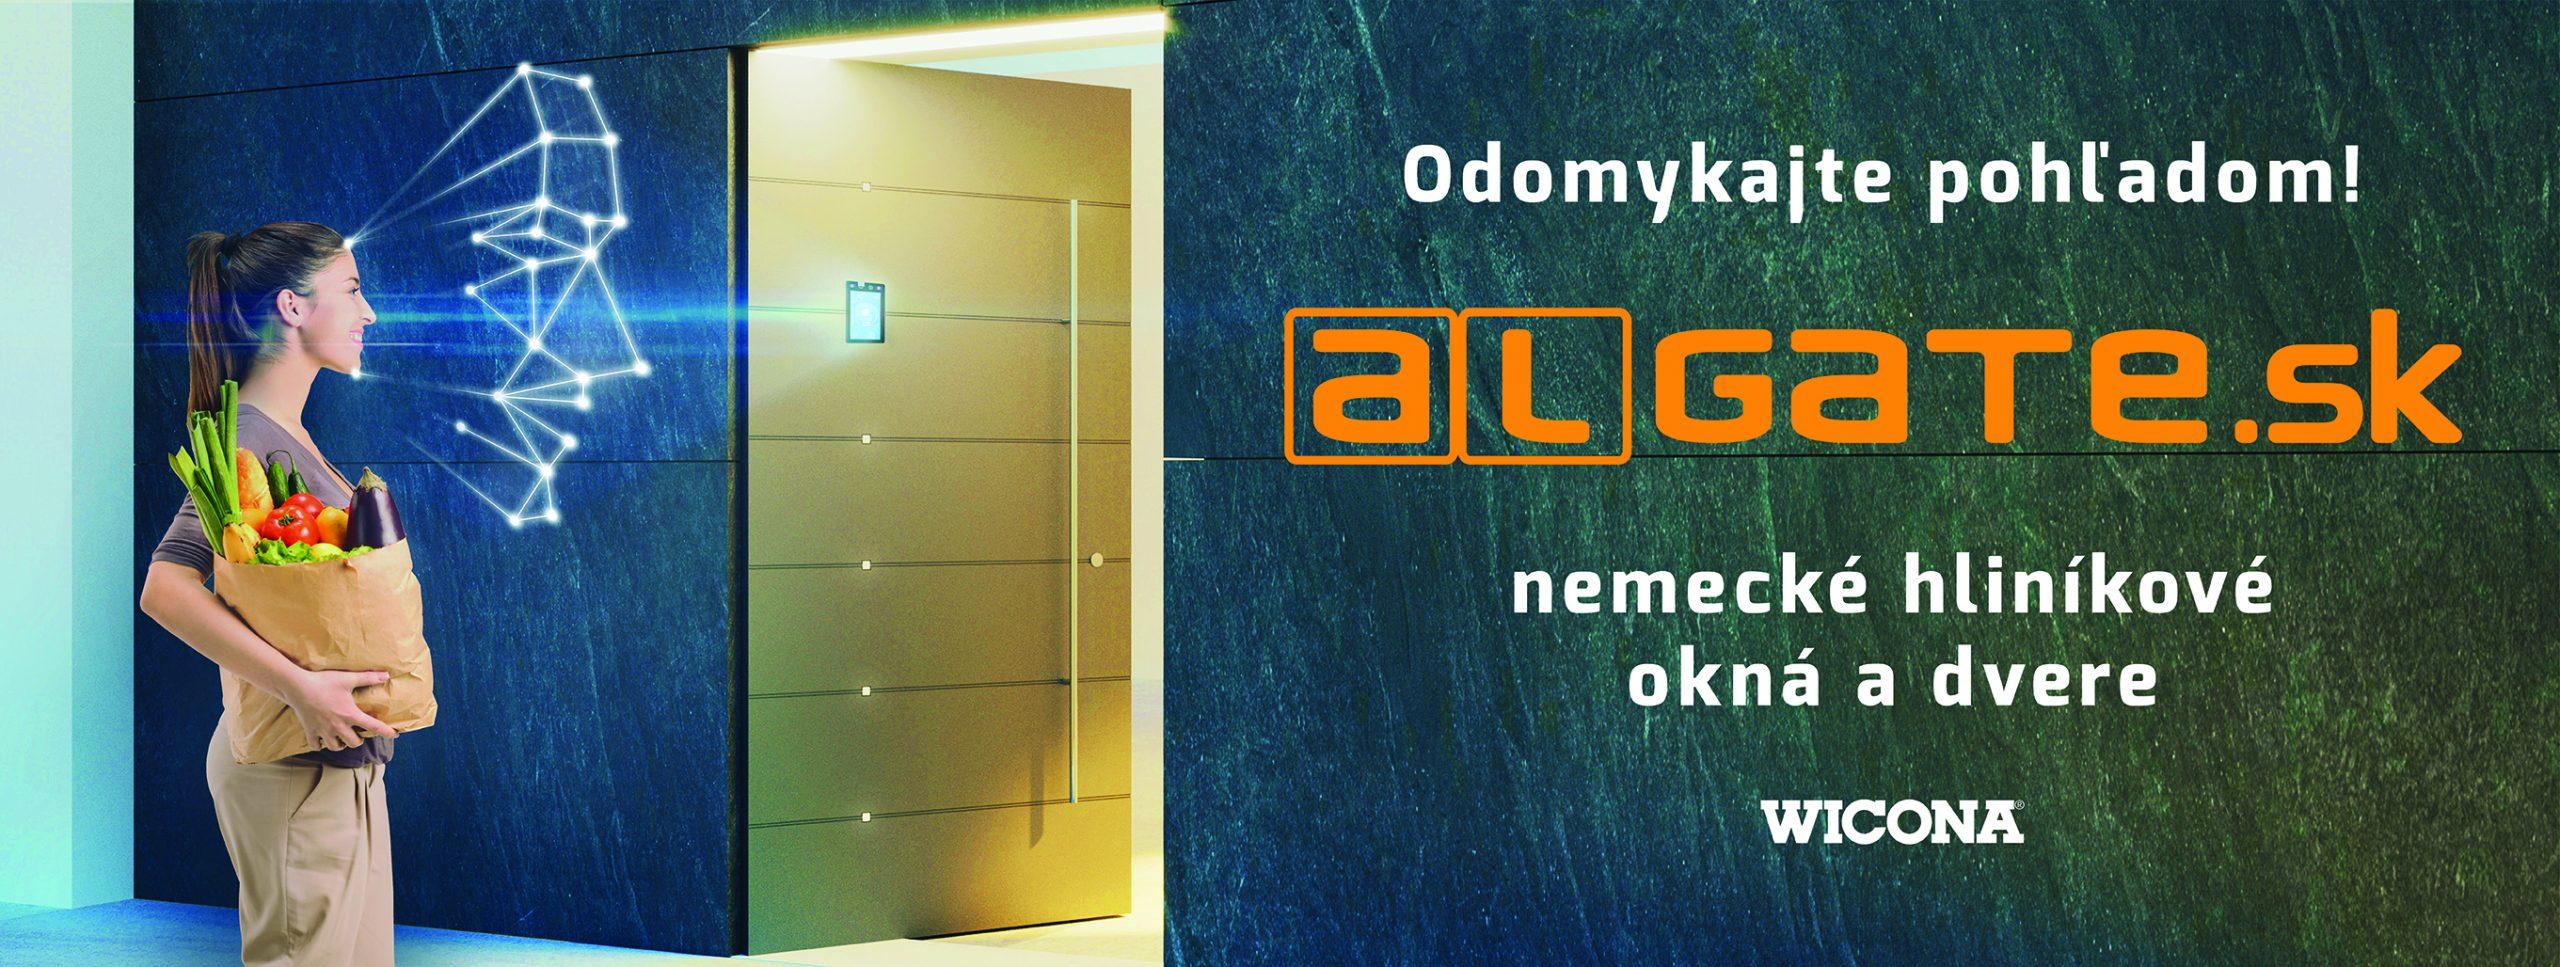 Algate_Dvere_960x360_LowRes_VAR5